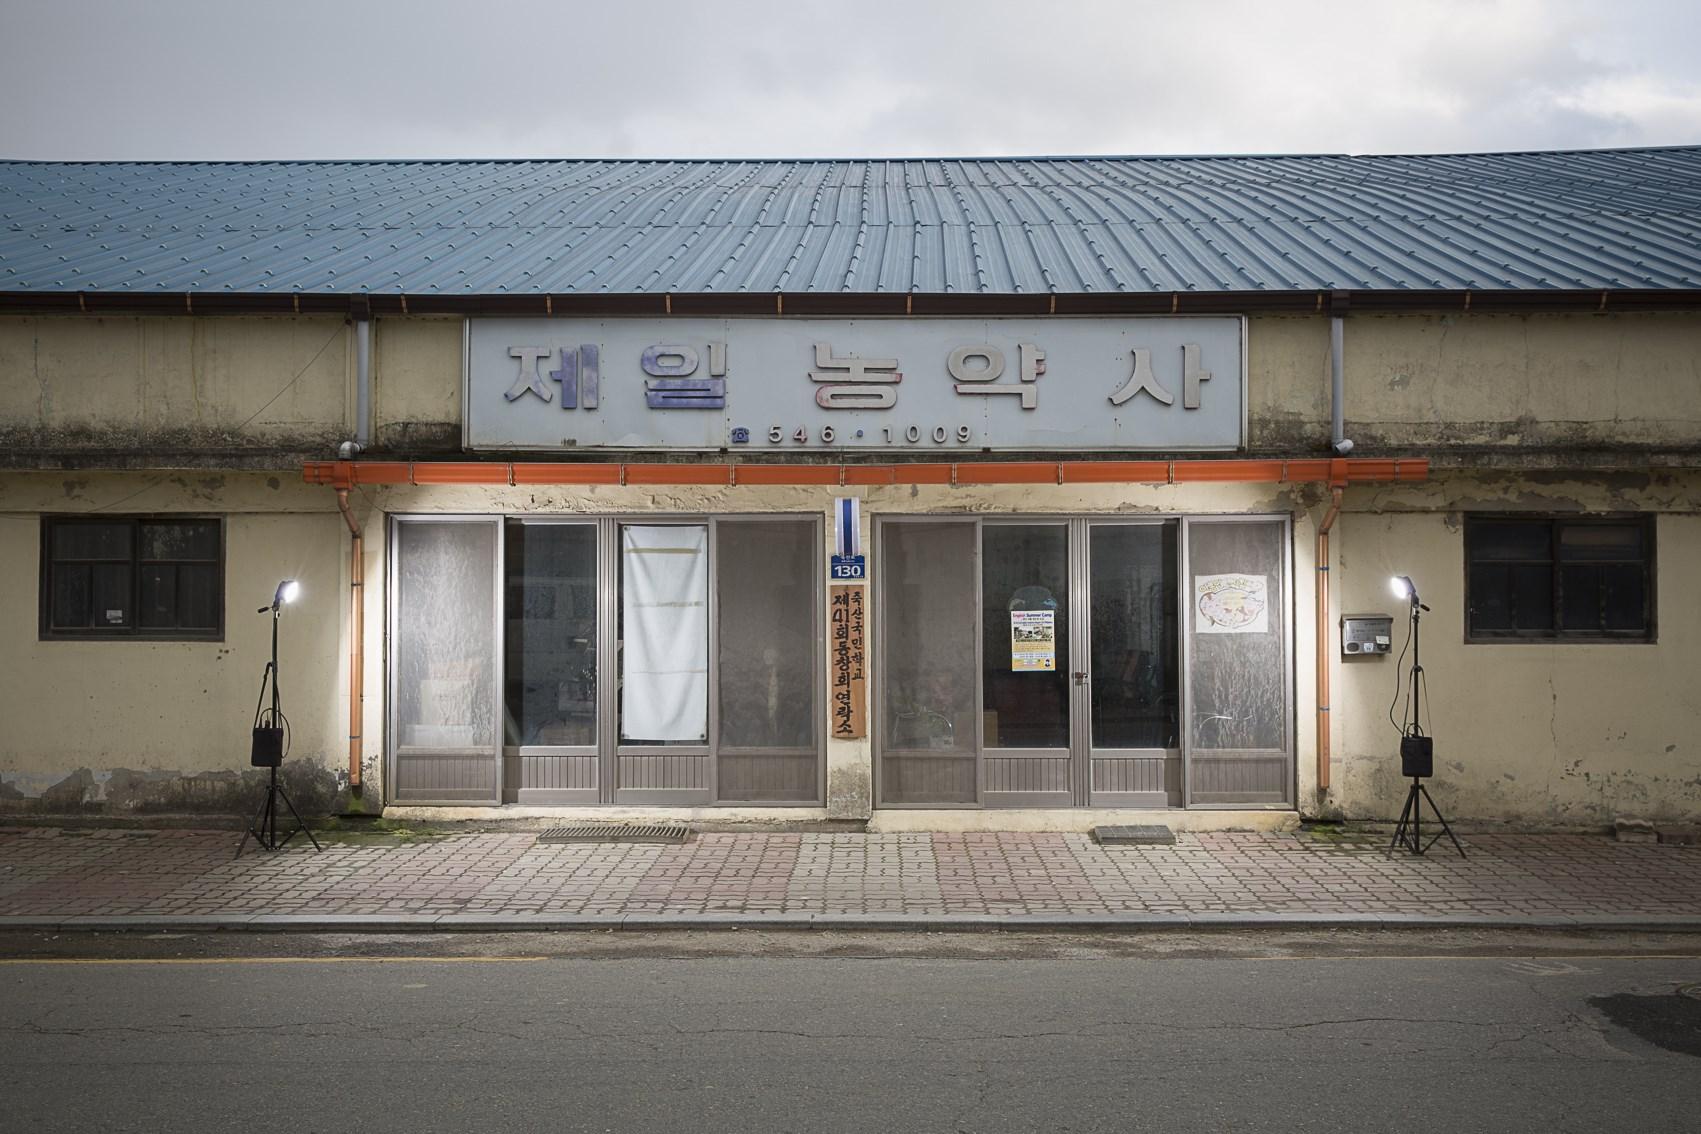 김윤호, 농약사, Digital C-print, 62 x 52cm, 2017, ONE AND J